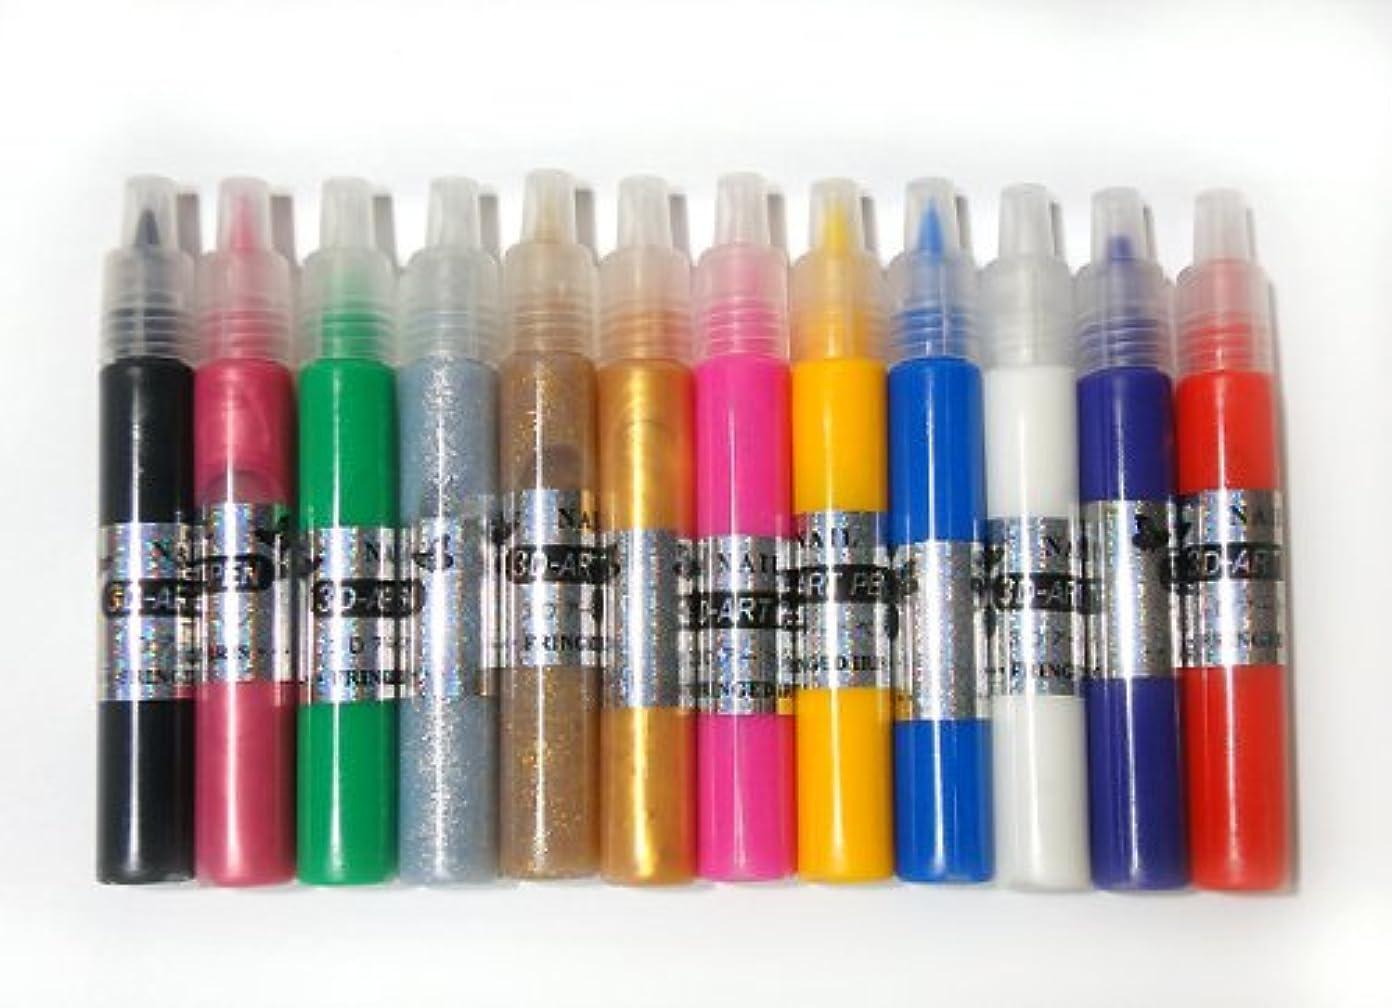 安全性財政ばかげた3Dアートペン12色セット もこもこネイルアートが簡単に ネイルパーツ